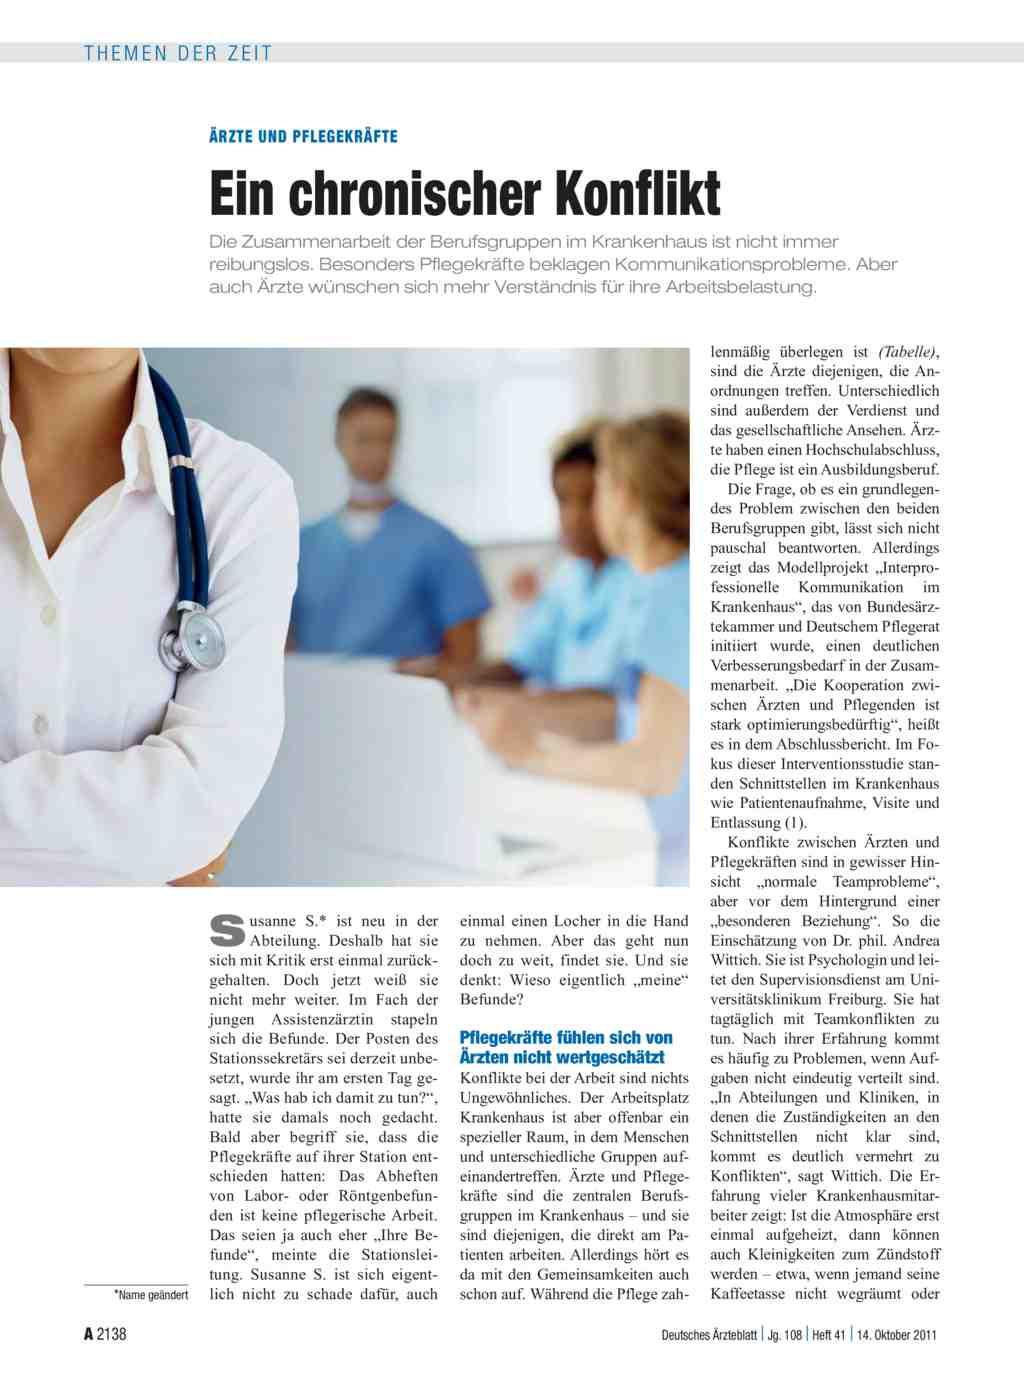 Ärzte und Pflegekräfte: Ein chronischer Konflikt